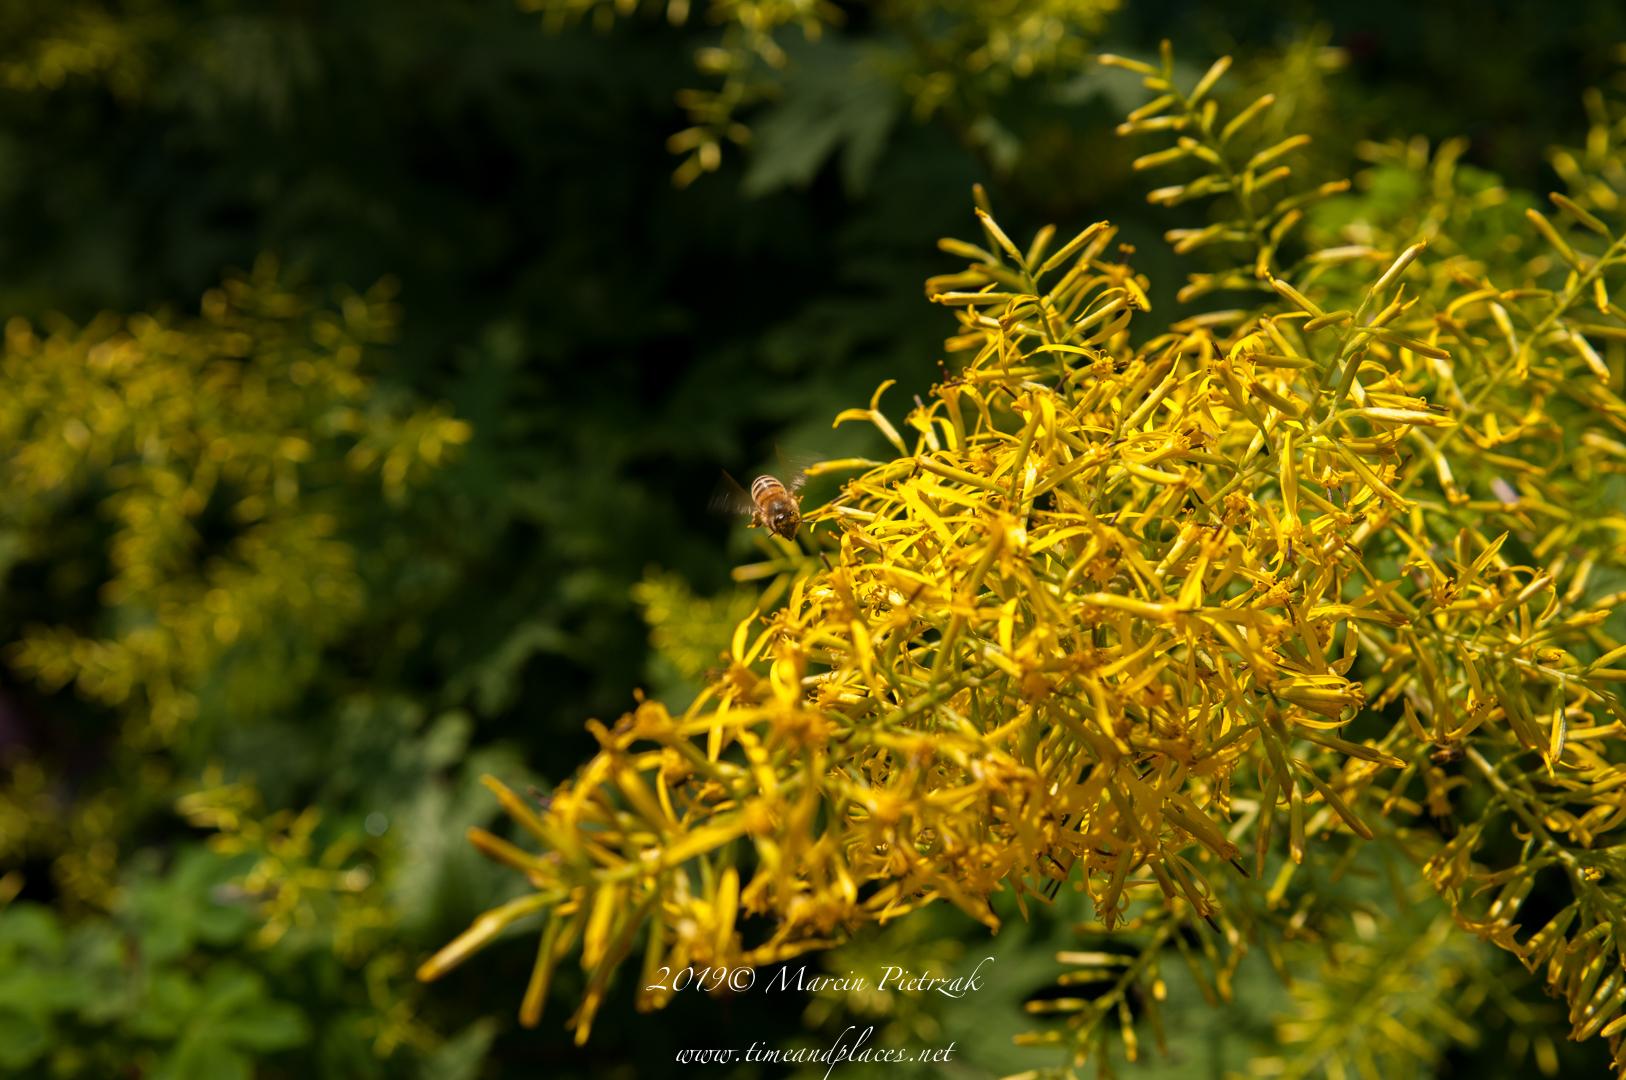 netBotanic Garden flowers - 2019 - MAR_1578.jpg